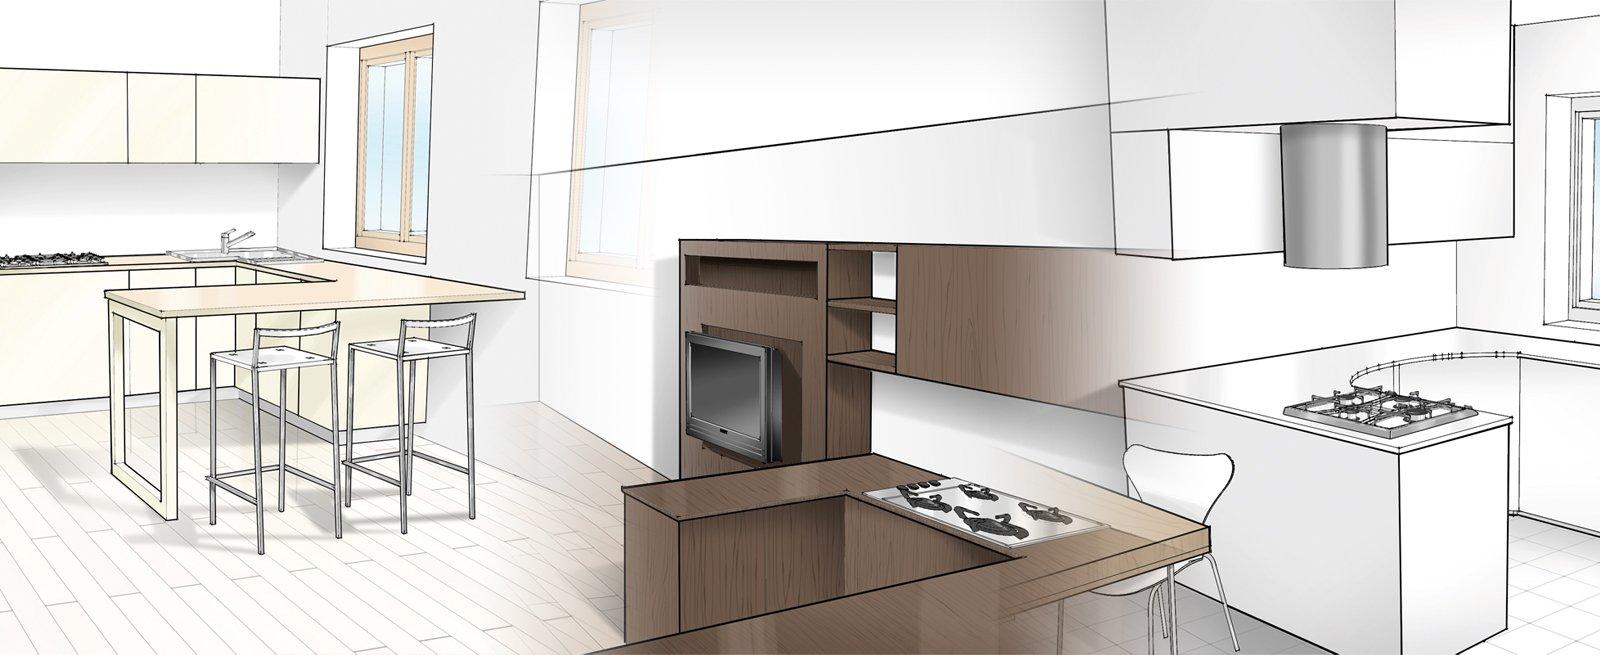 Tre soluzioni per una cucina cose di casa - Finestra in cucina ...